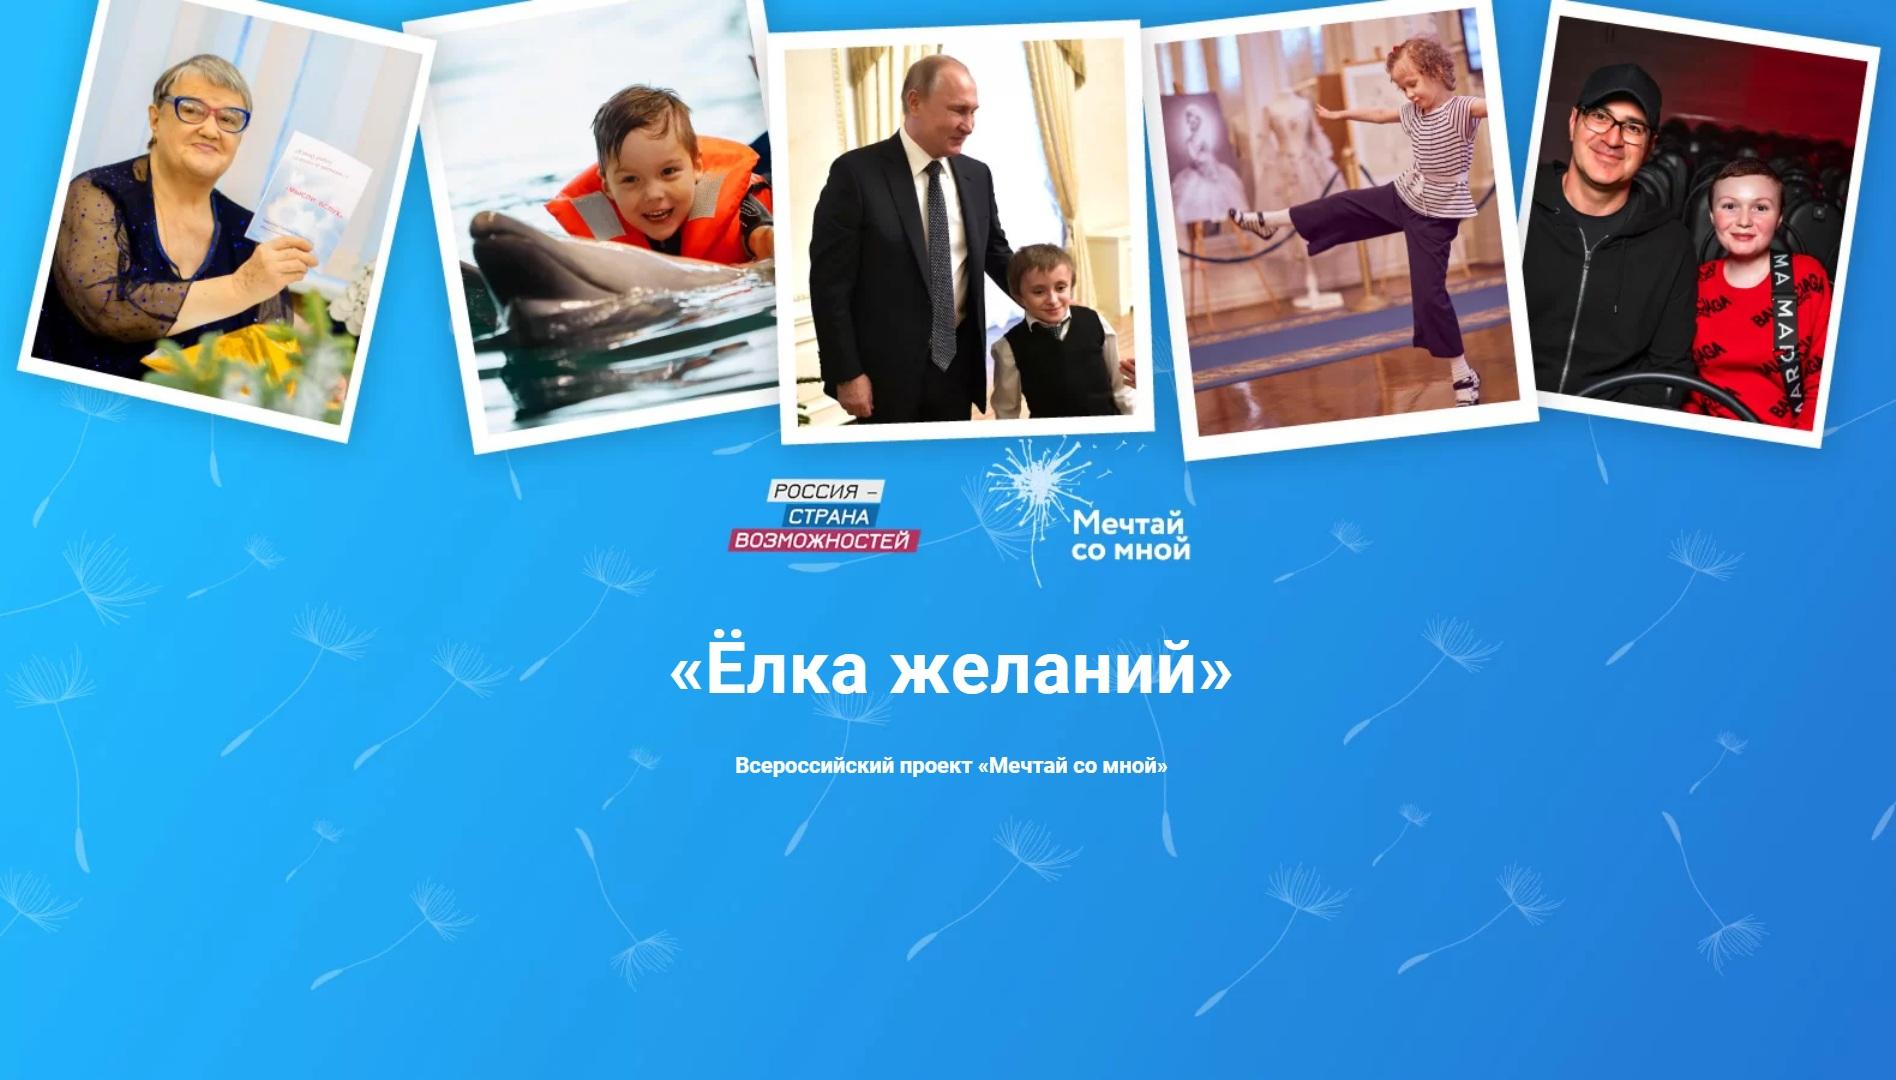 Всероссийский благотворительный проект «Мечтай со мной» вновь запускает ежегодную акцию «Елка желаний»